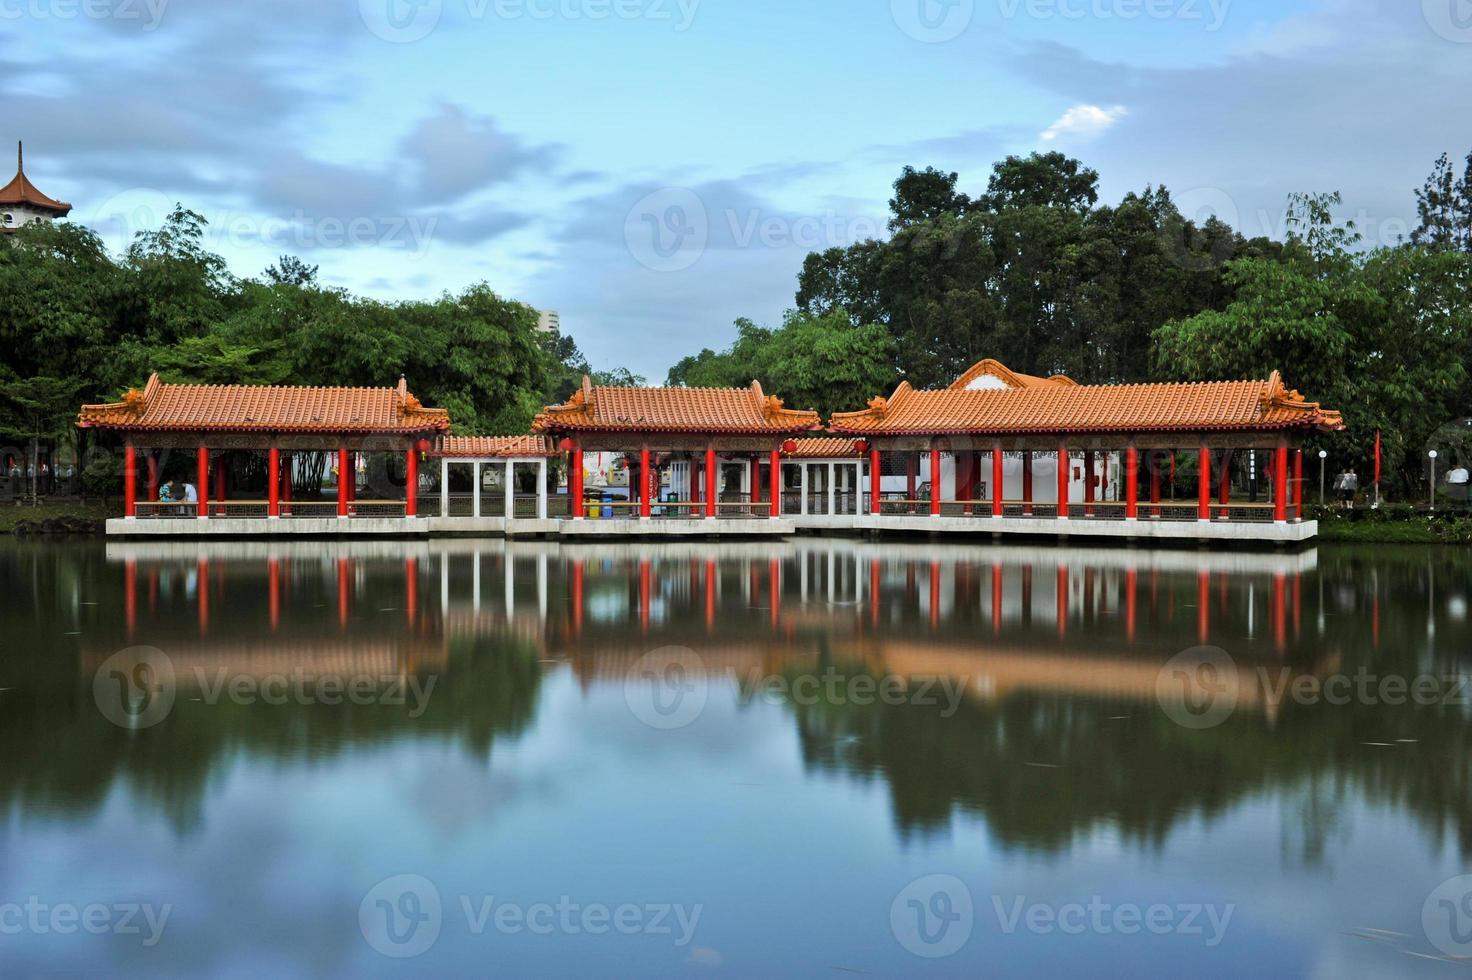 jardin chinois de singapour photo